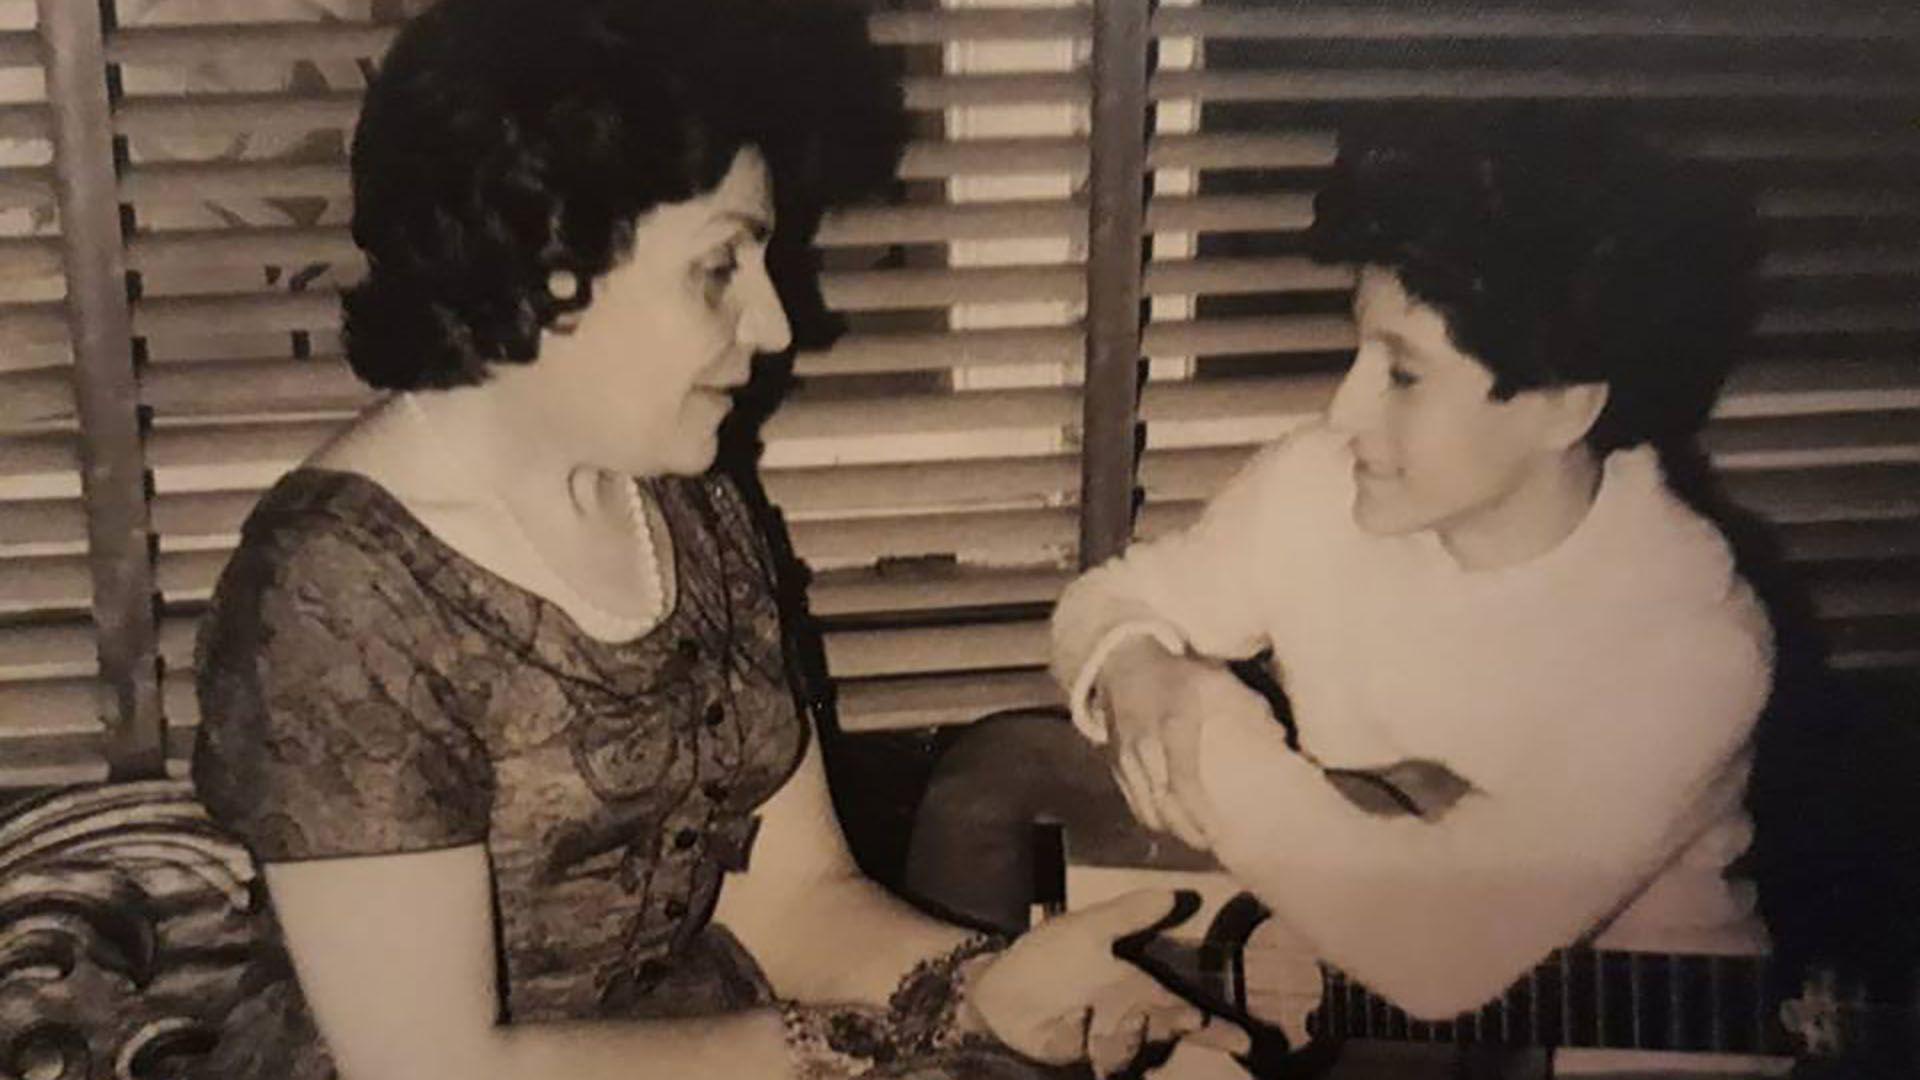 Luisito Rey y su manager argentina, Herminia L. de Chousa, durante su fugaz paso por Buenos Aires como estrella infantil